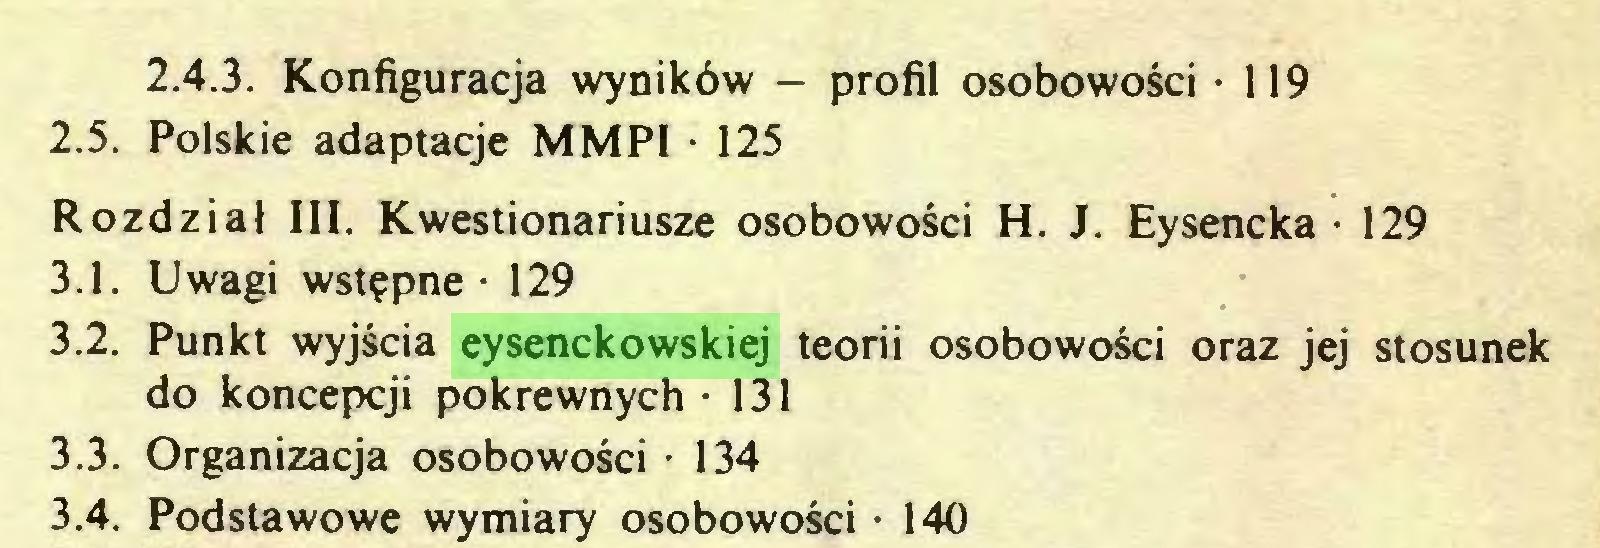 (...) 2.4.3. Konfiguracja wyników — profil osobowości • 119 2.5. Polskie adaptacje MMP1 • 125 Rozdział III. Kwestionariusze osobowości H. J. Eysencka • 129 3.1. Uwagi wstępne - 129 3.2. Punkt wyjścia eysenckowskiej teorii osobowości oraz jej stosunek do koncepcji pokrewnych -131 3.3. Organizacja osobowości • 134 3.4. Podstawowe wymiary osobowości • 140...